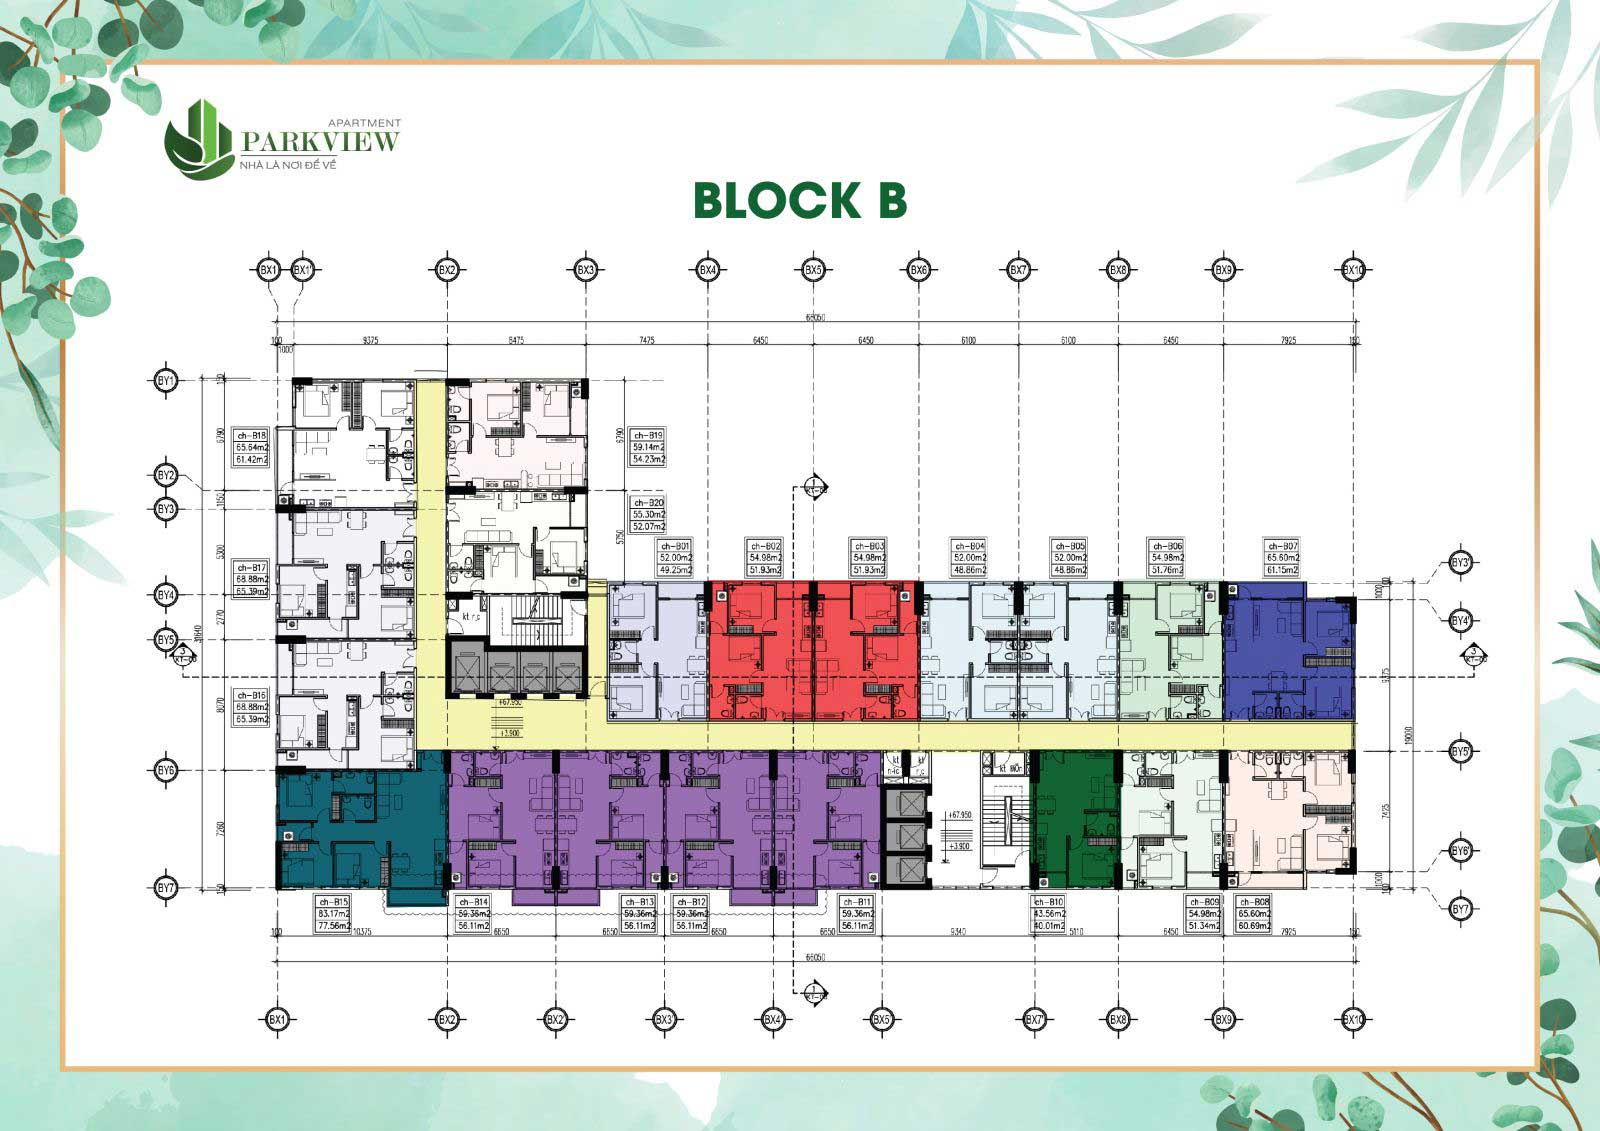 Thiết kế căn hộ Parkview Bình Dương - Block B